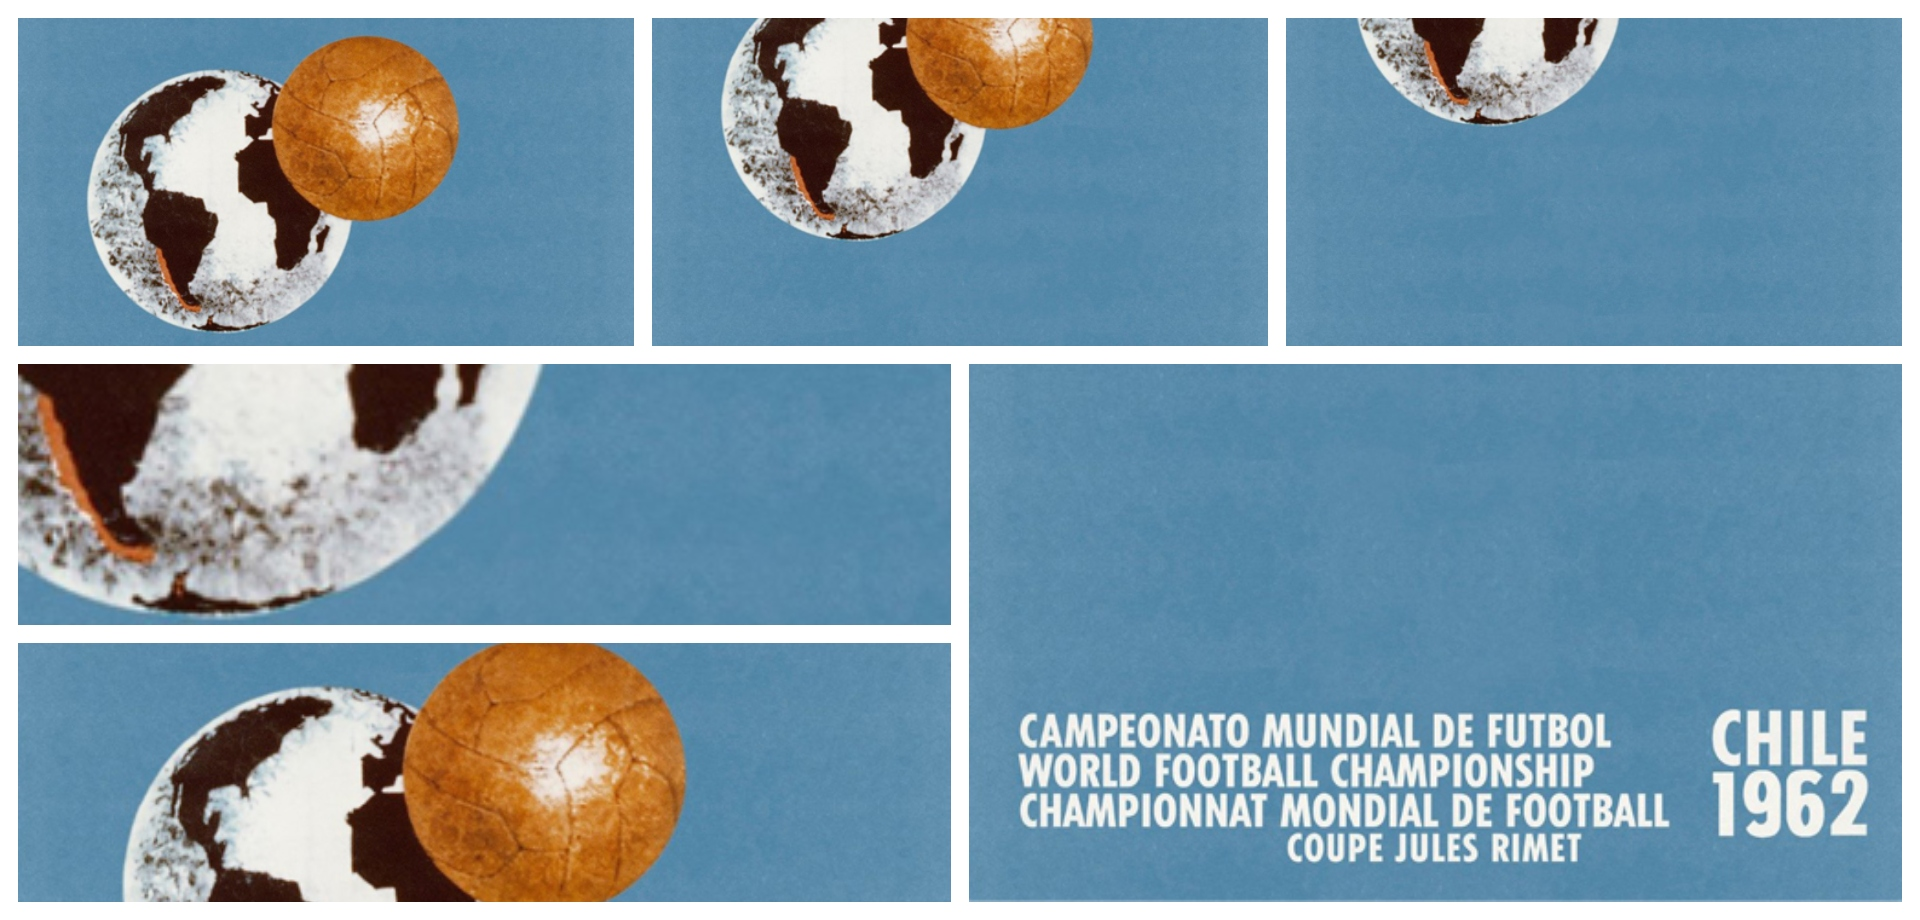 Μουντιάλ: Χιλή